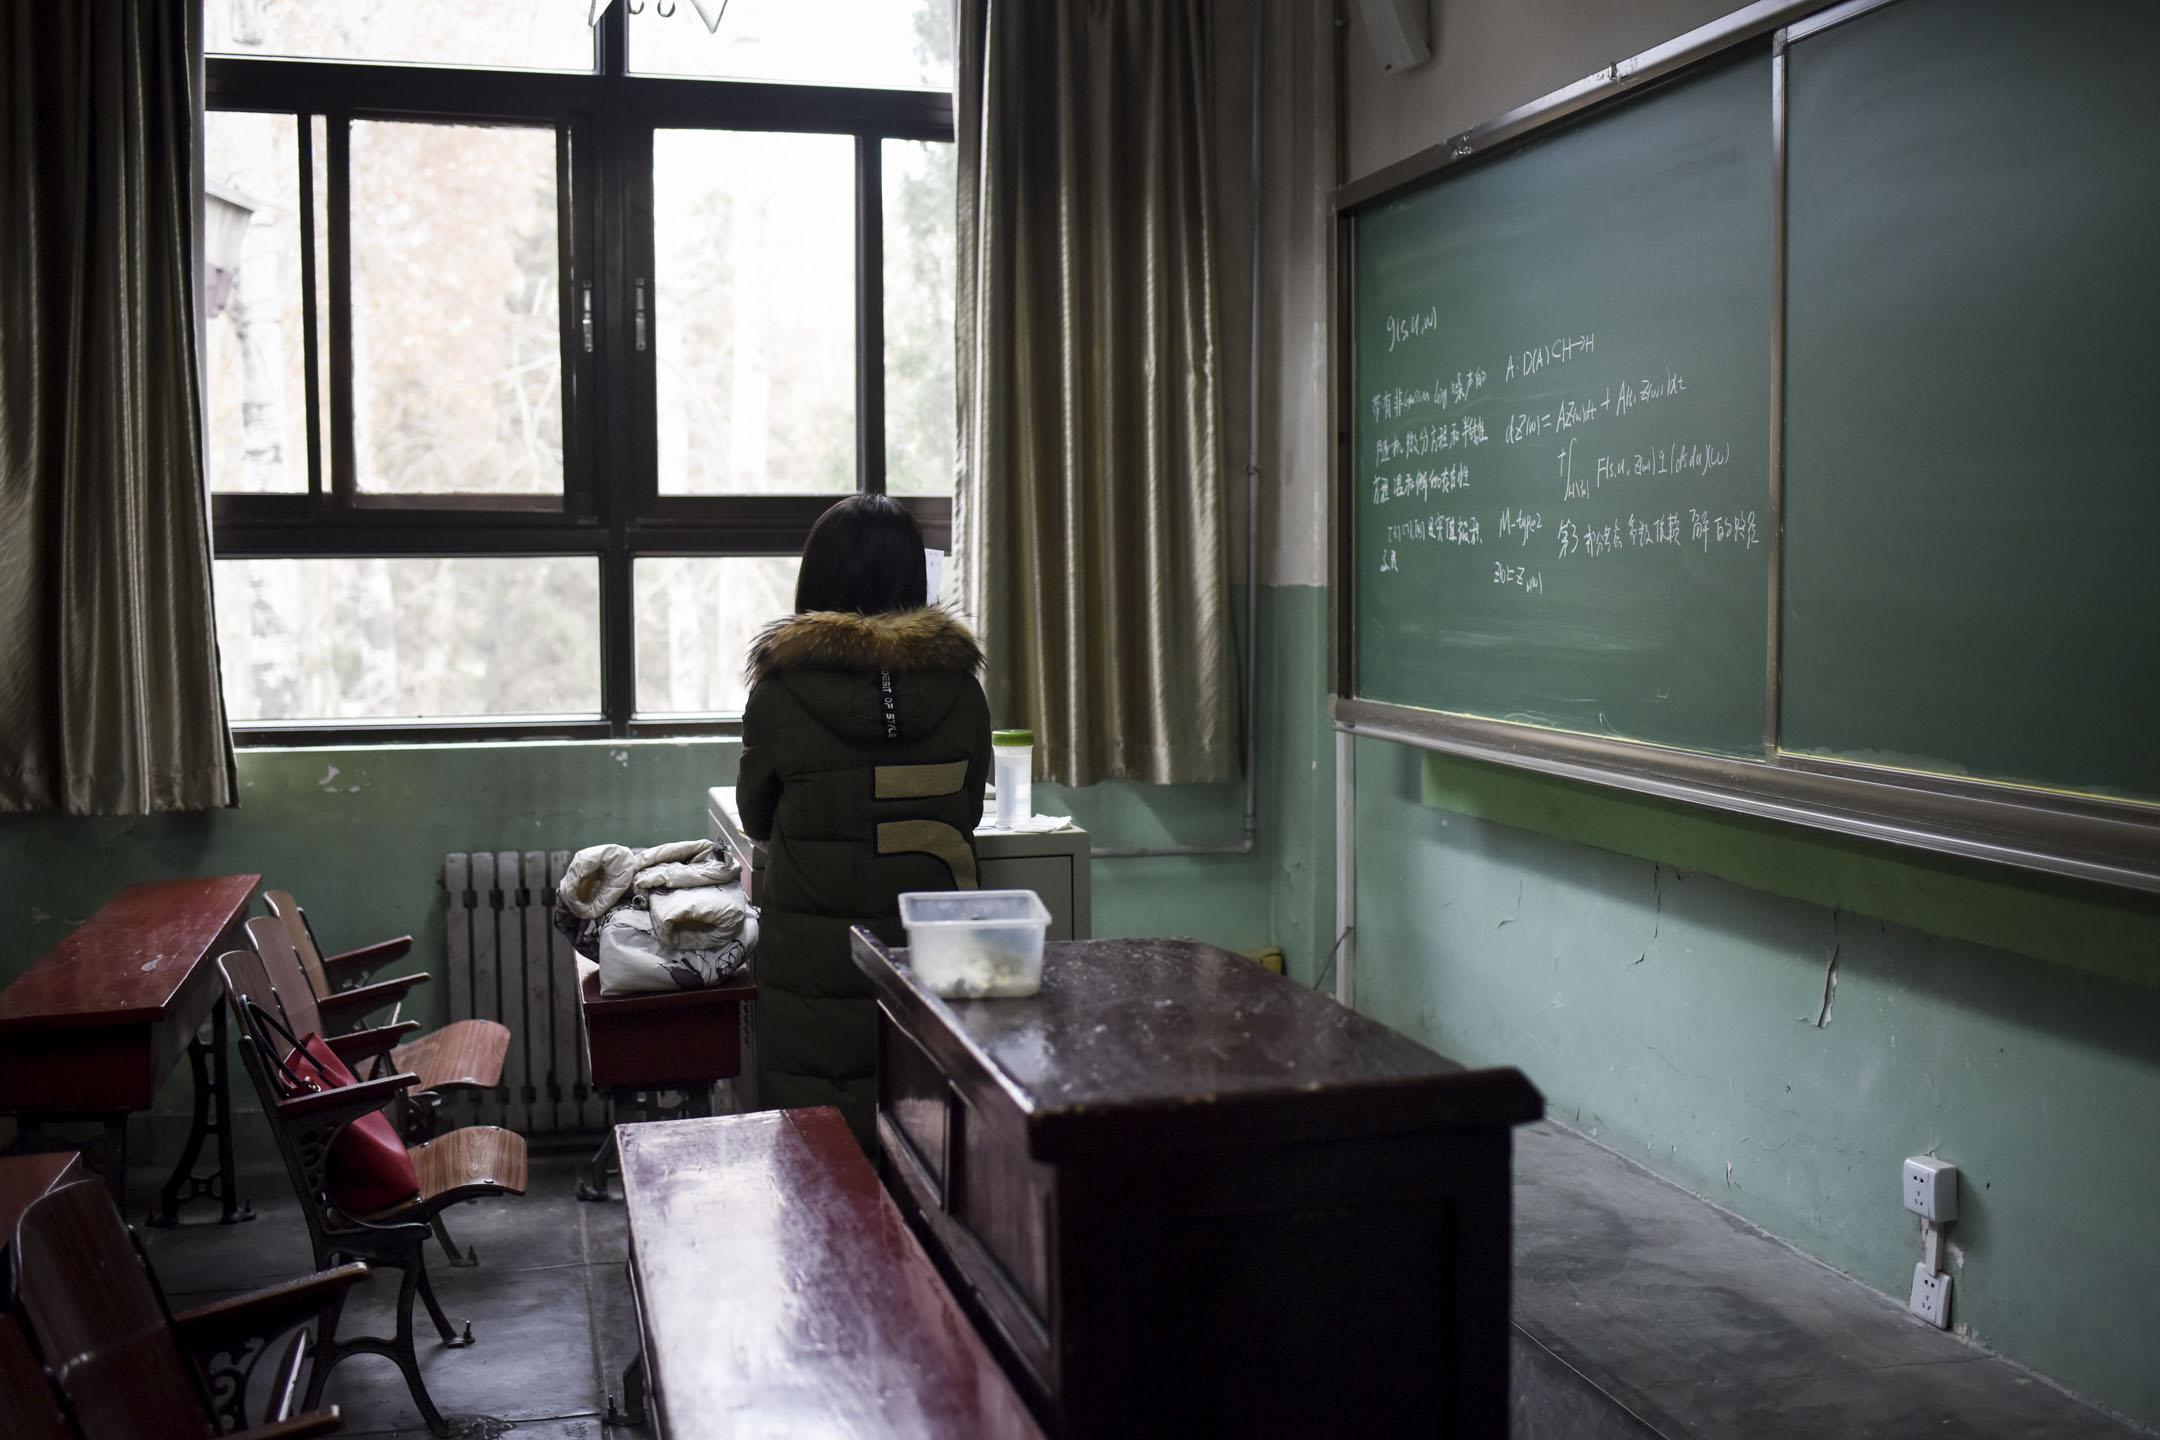 不請自來的學校領導和老師都以「牽連家人」和「影響畢業」威脅任瀟瀟家人。示意圖片。